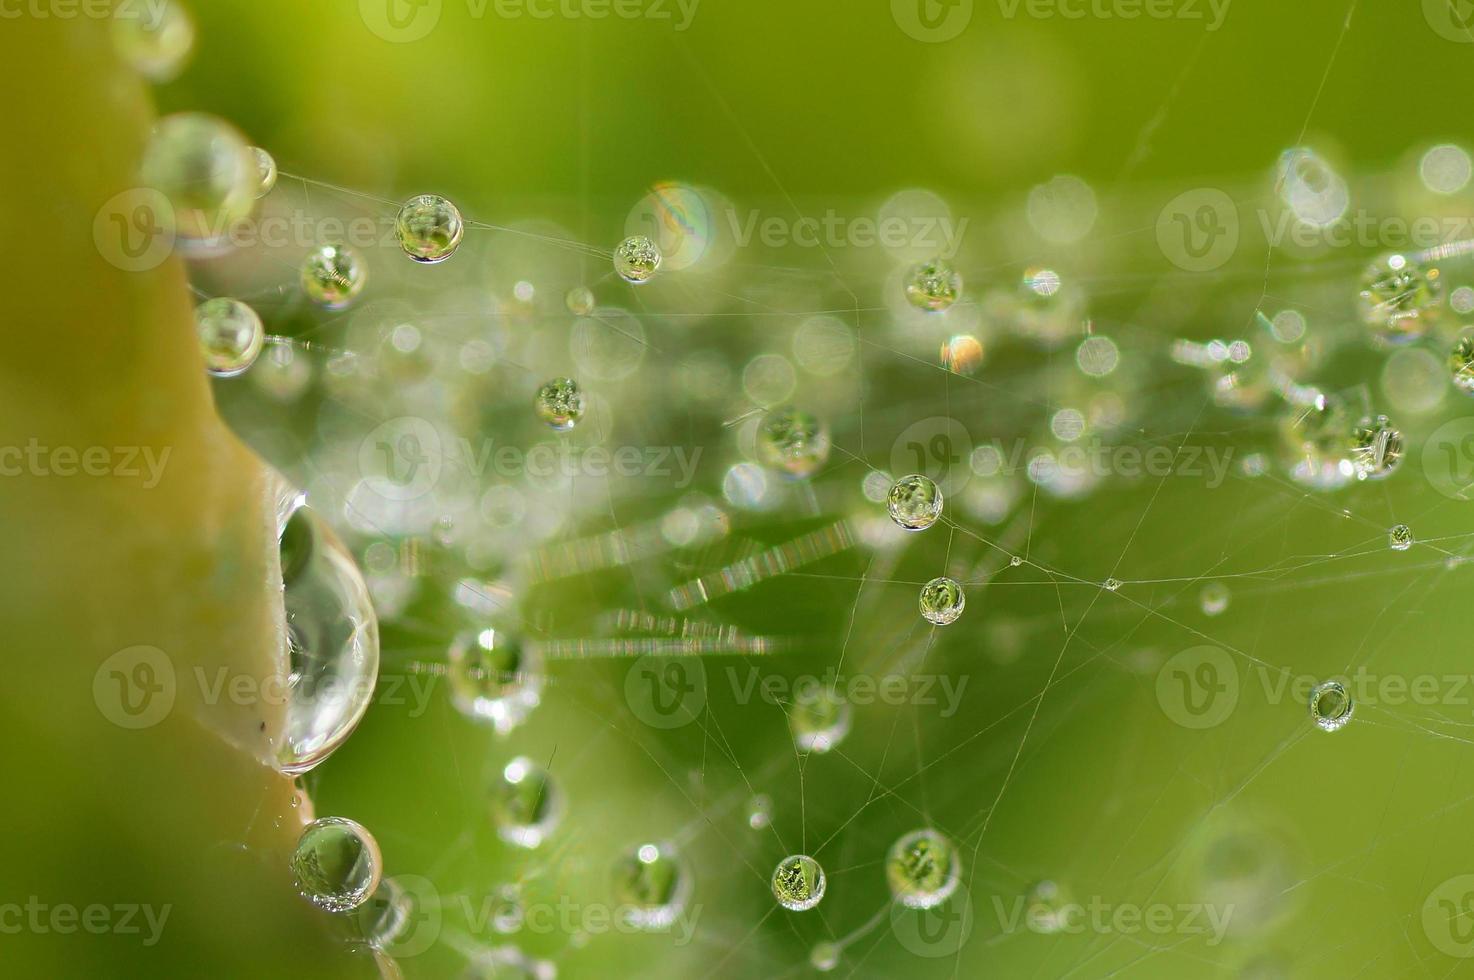 sunglow, daggdroppar på en spindelnät, solig dag foto